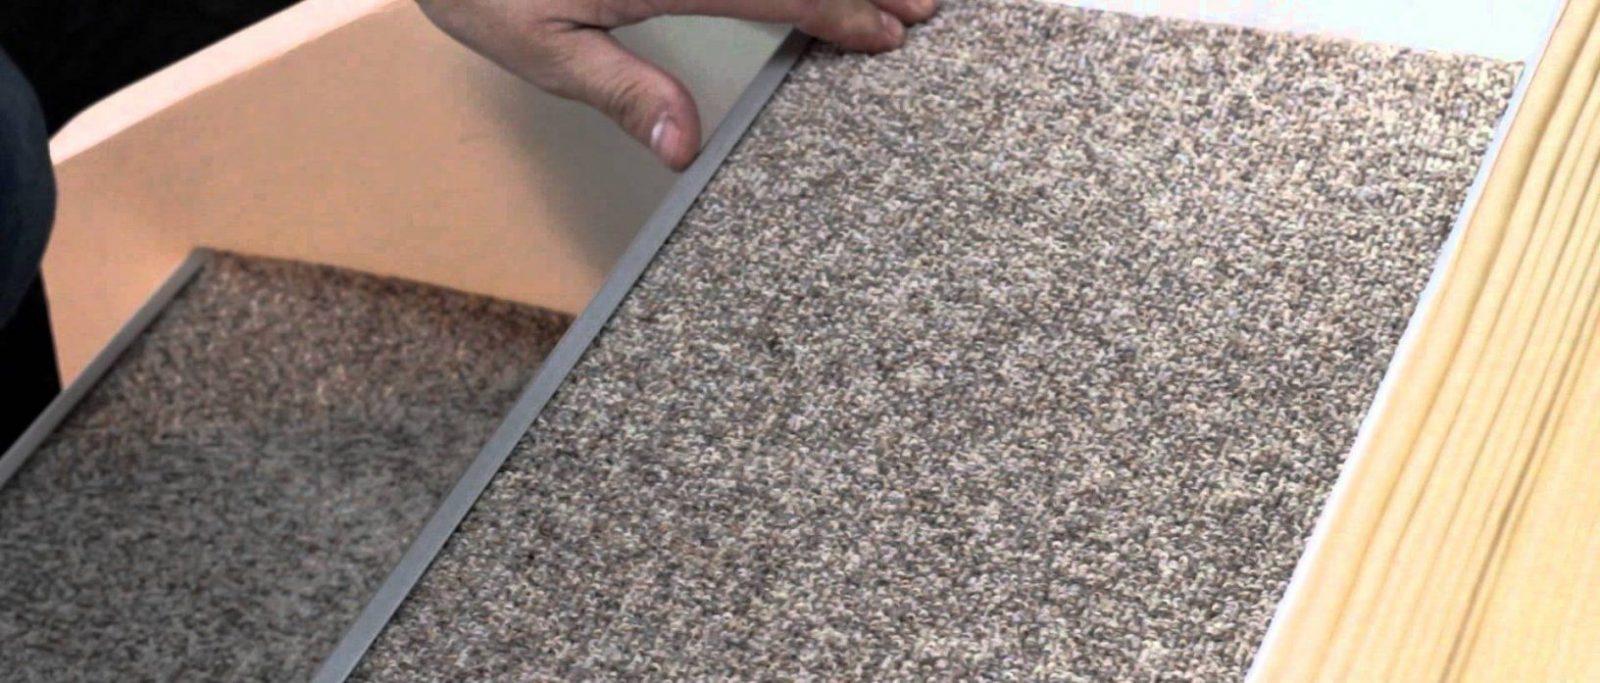 Treppenrenovierung Treppensanierung Selber Machen Mit Teppich von Treppen Sanieren Selber Machen Photo